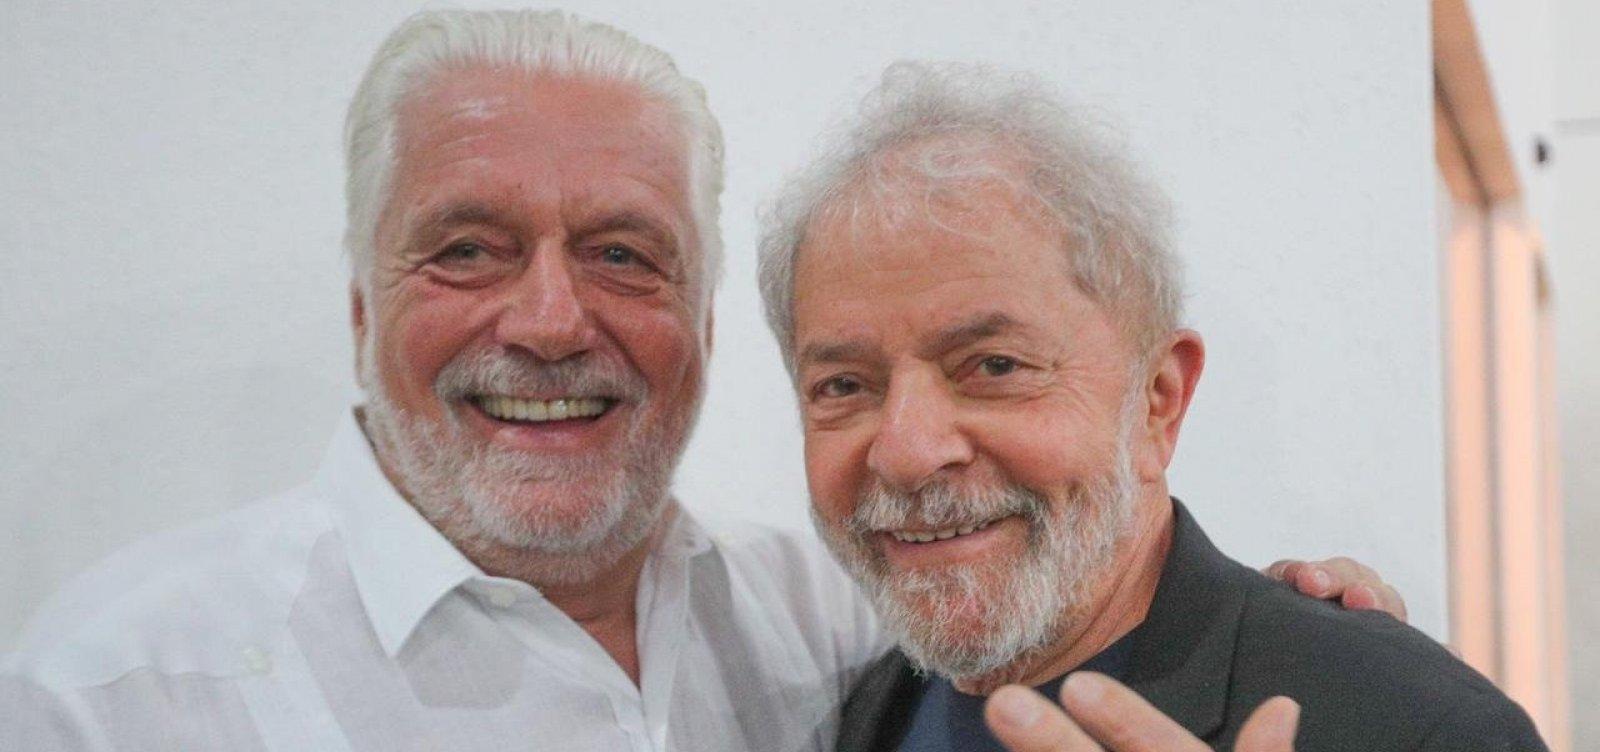 Wagner diz que medir Lula por discurso após saída da prisão é 'equívoco'